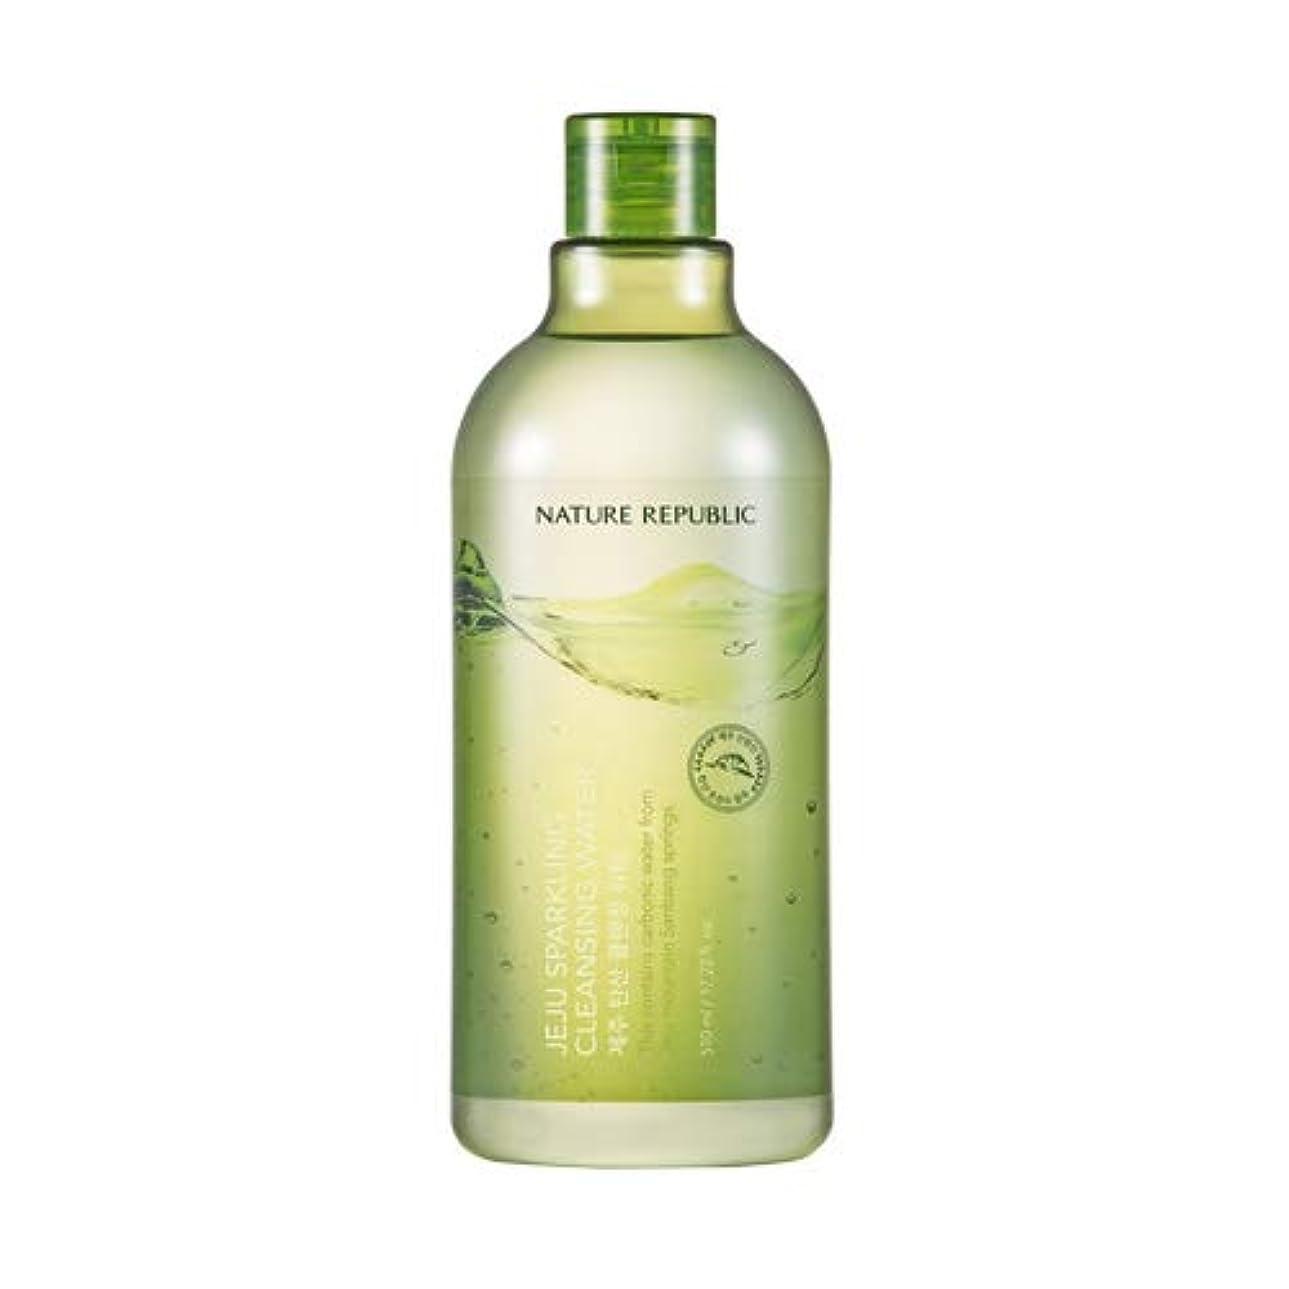 秘密の欲望真っ逆さまNature republic Jeju Sparkling(Carbonic) Cleansing Water ネイチャーリパブリック済州炭酸クレンジングウォーター 510ml [並行輸入品]